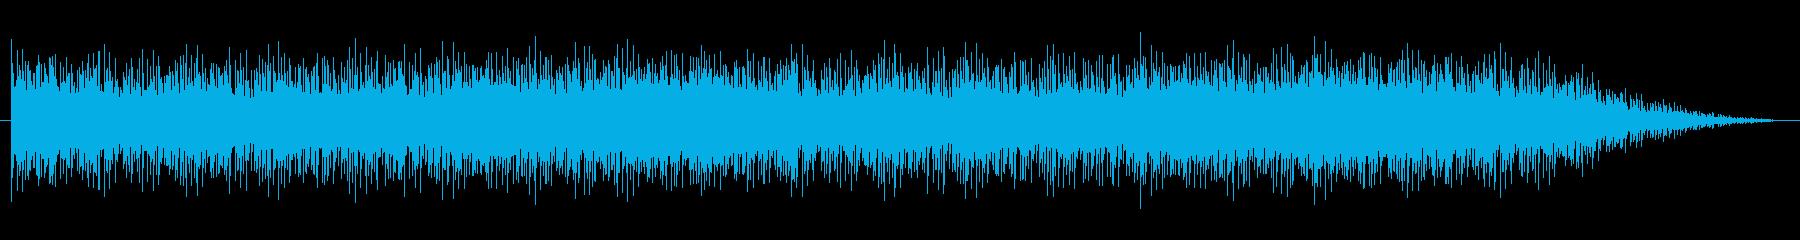 Short BGM: Serious, Endogenous 01's reproduced waveform